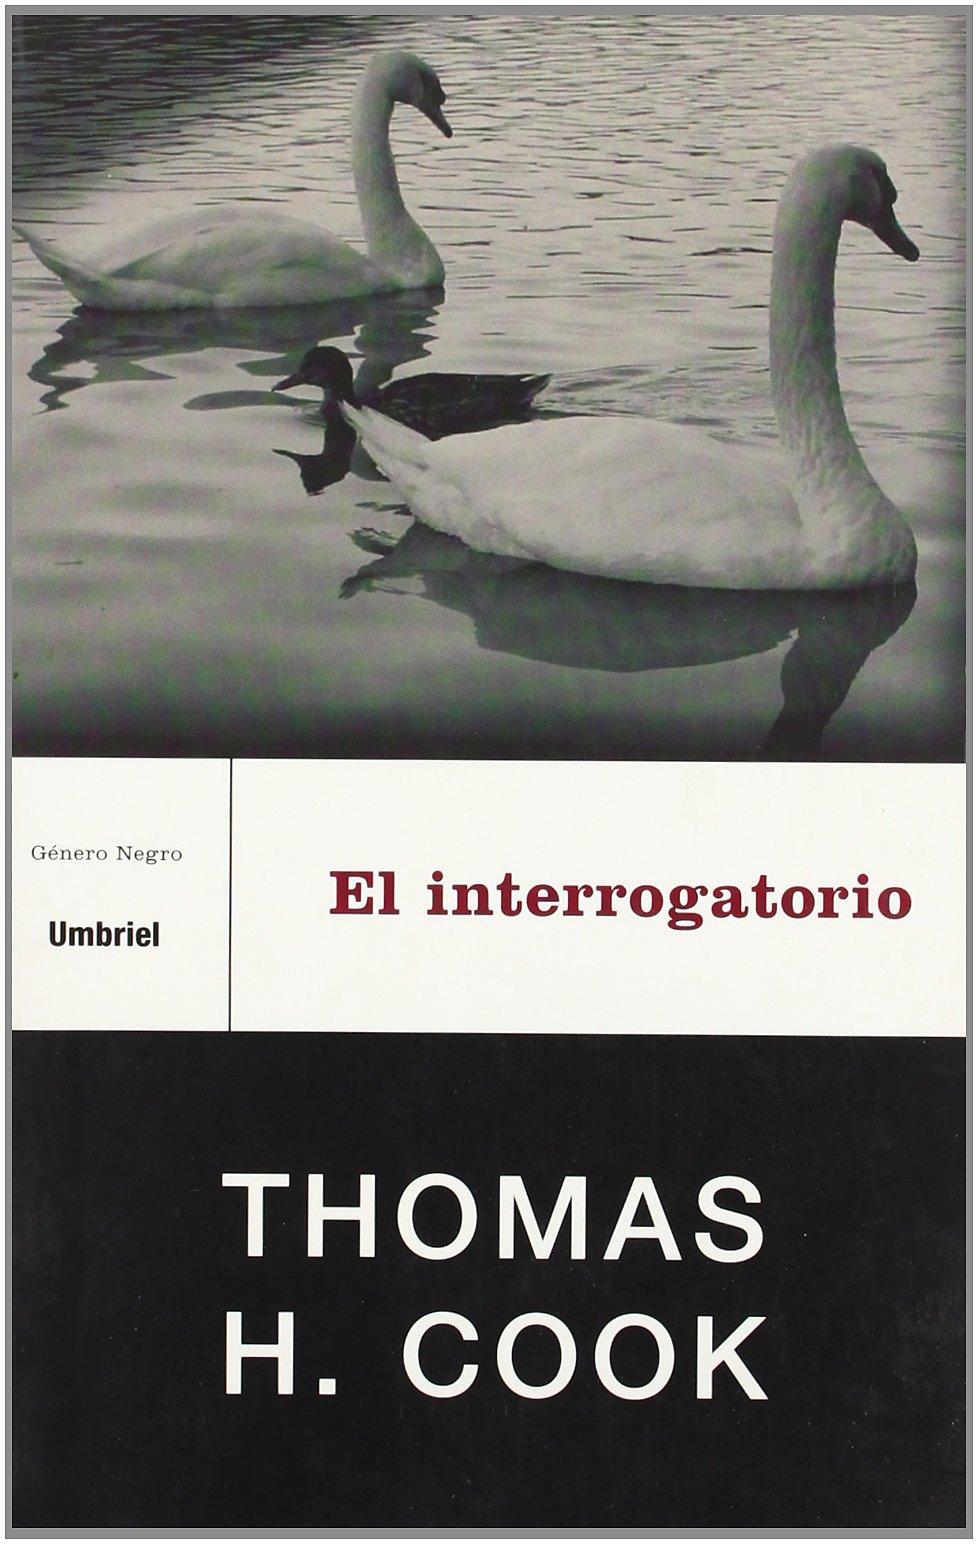 El Interrogatorio by Juanjo Estrella, Thomas H. Cook